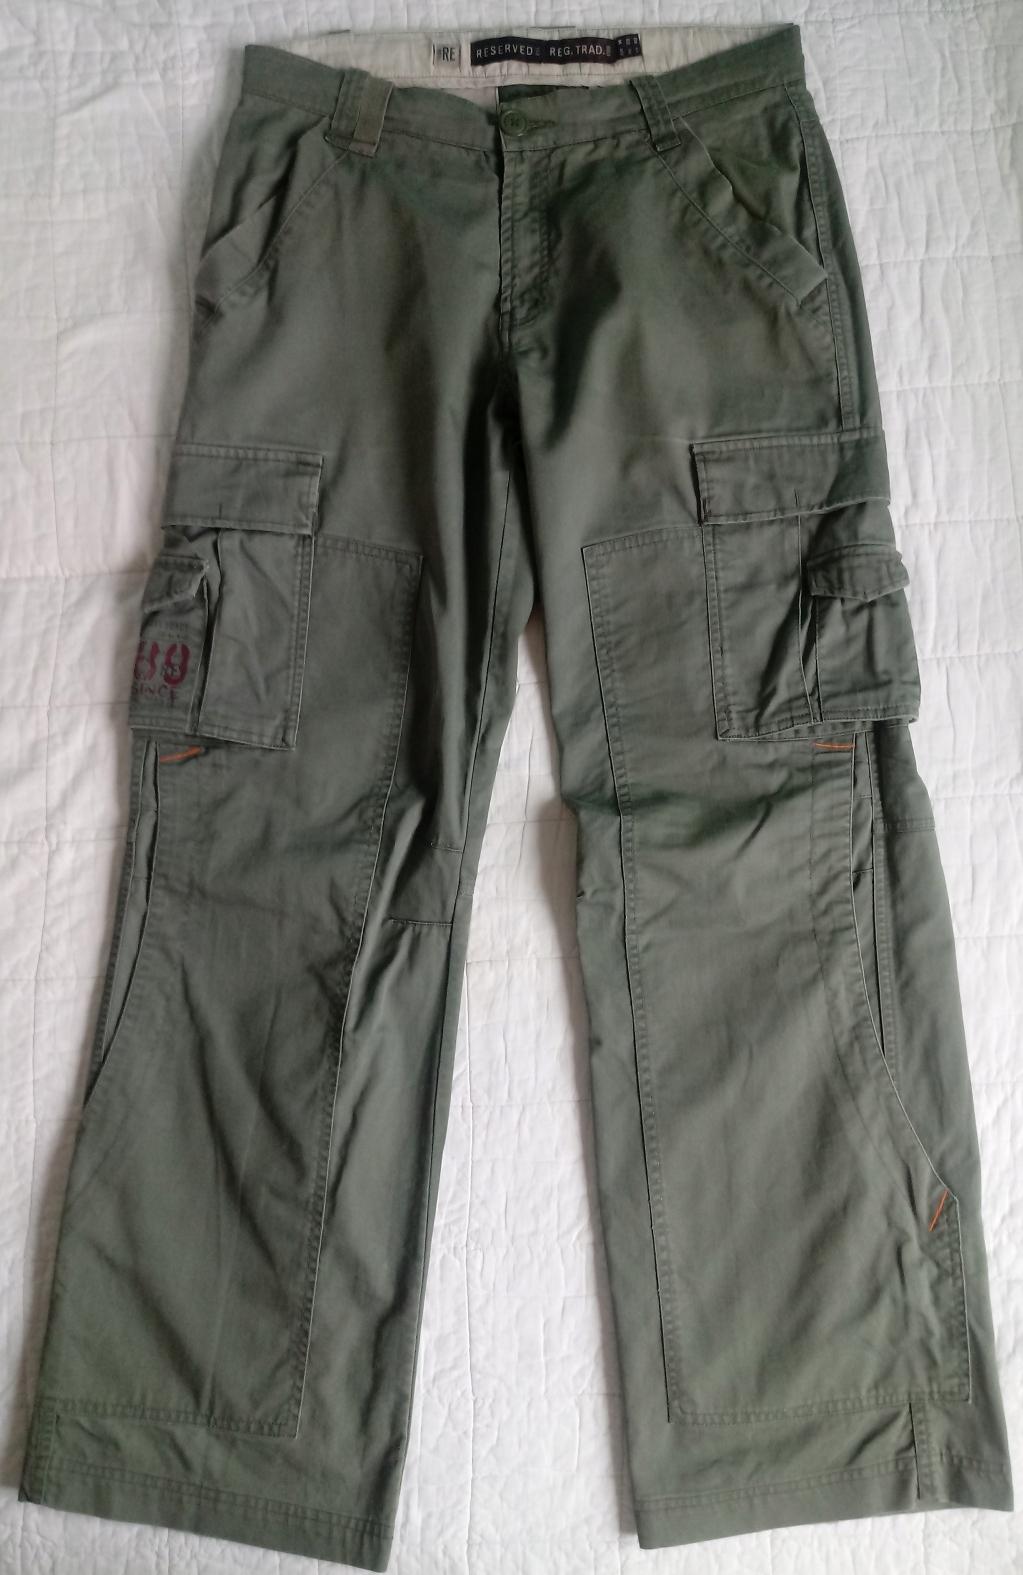 2 szt. spodni Bojówki RESERVED roz 33 szer 2x 43cm